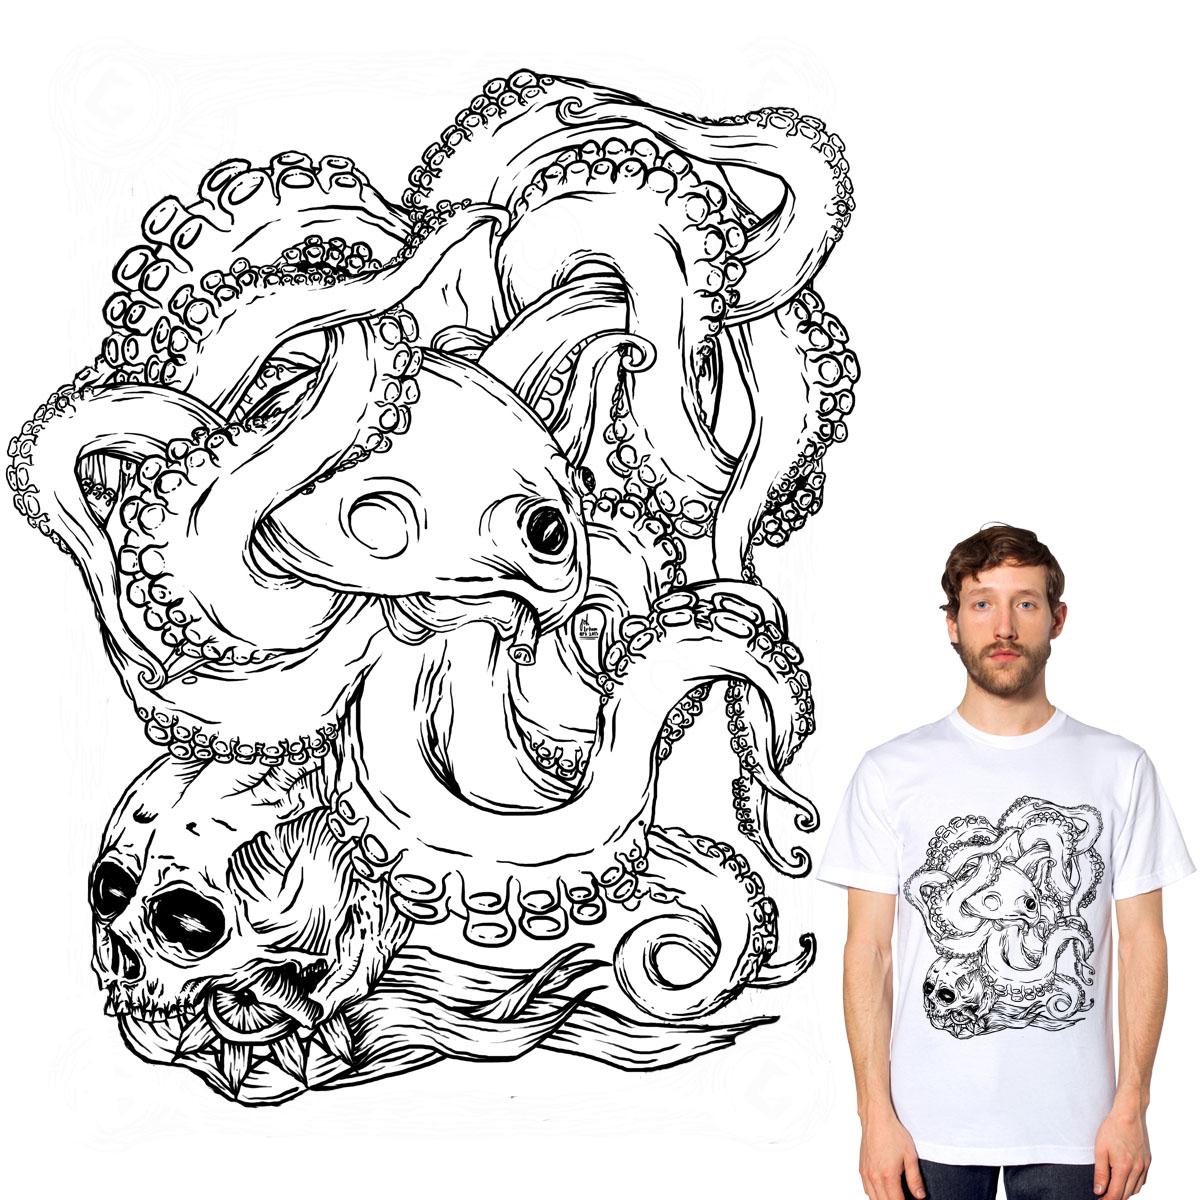 octopuskull by gupikus on Threadless